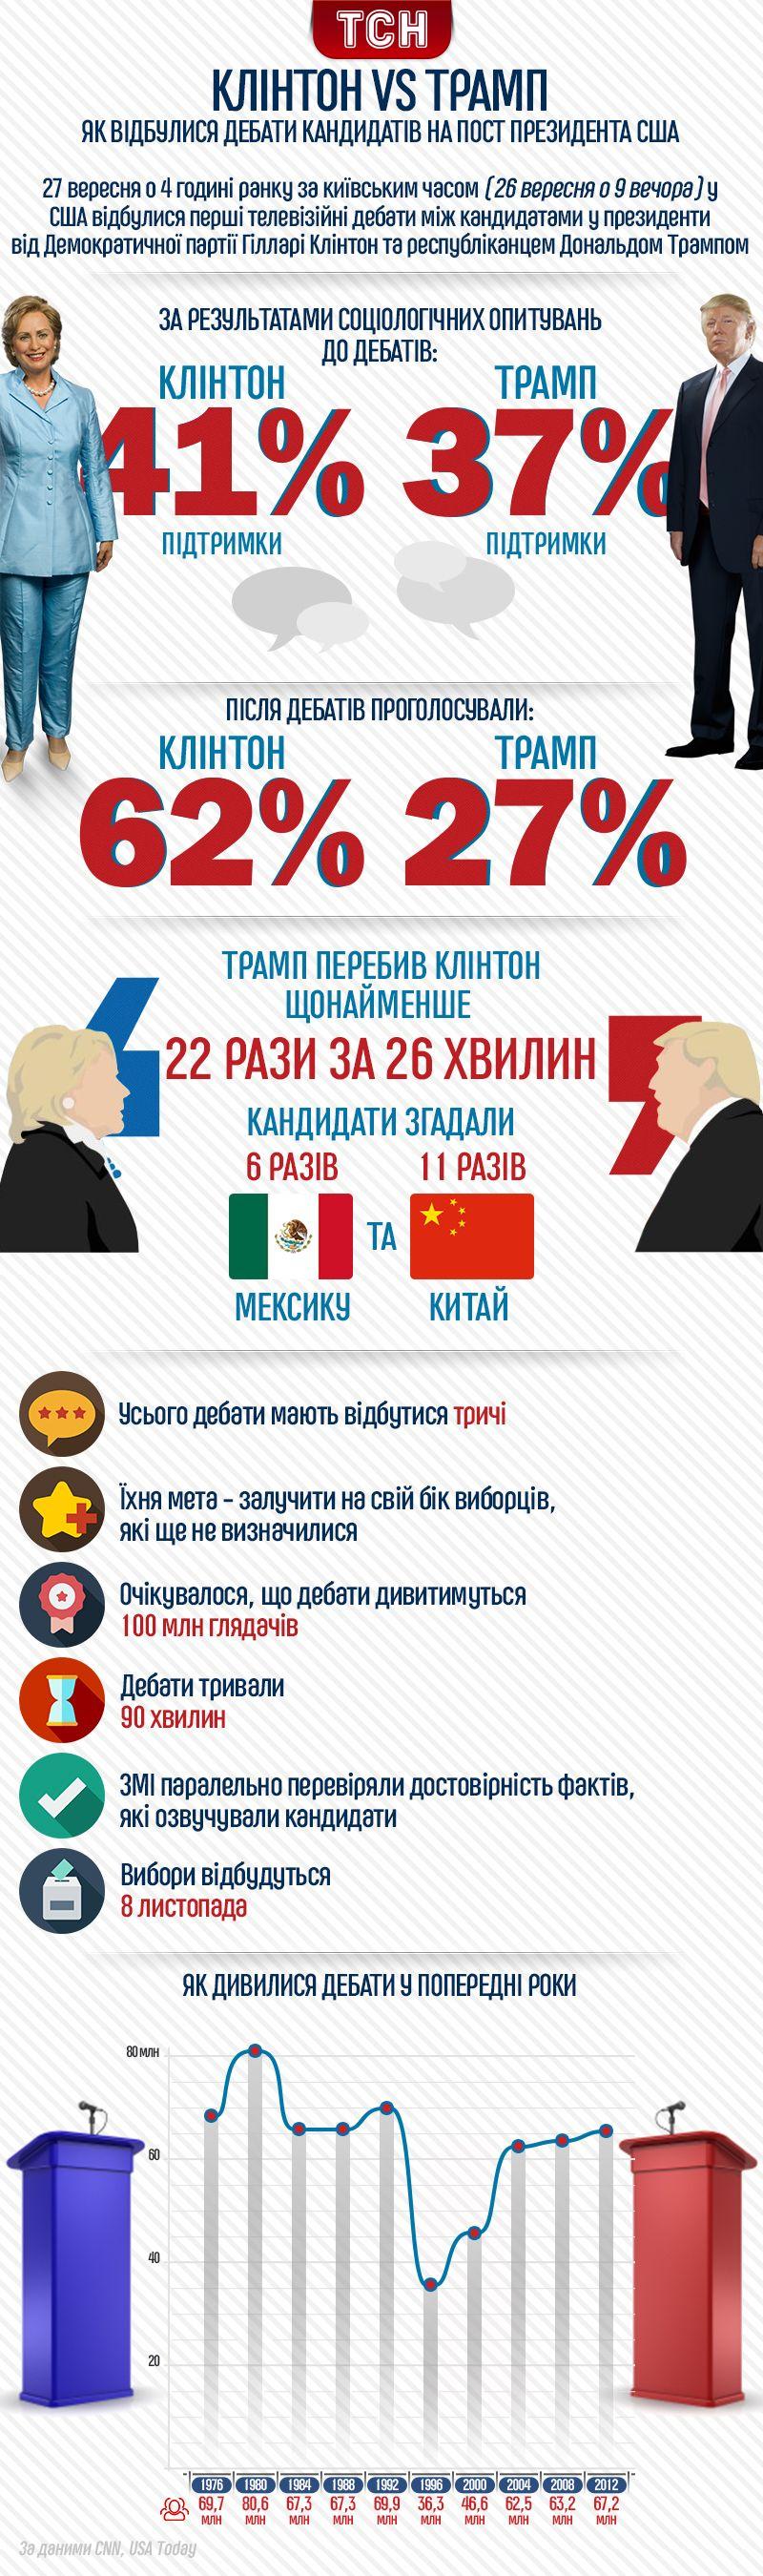 перші теледебати між Трампом і Клінтон інфографіка